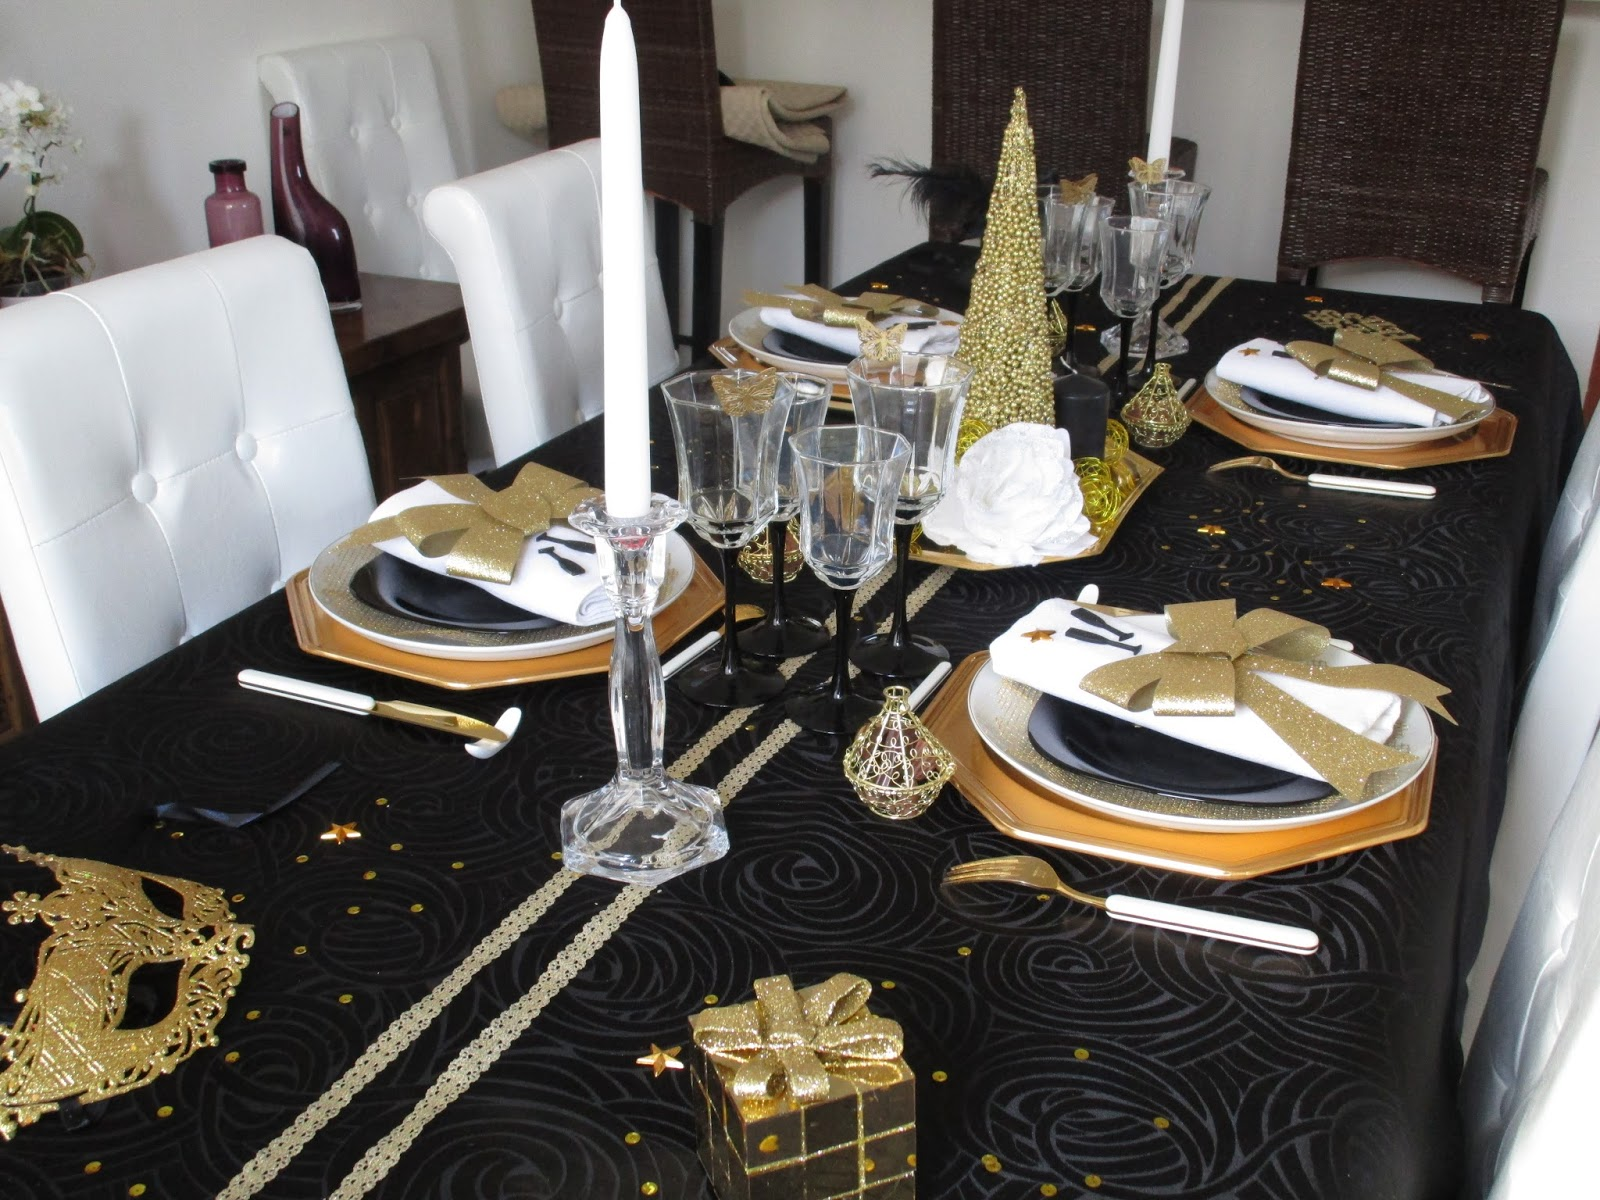 decoration noir et or. Black Bedroom Furniture Sets. Home Design Ideas